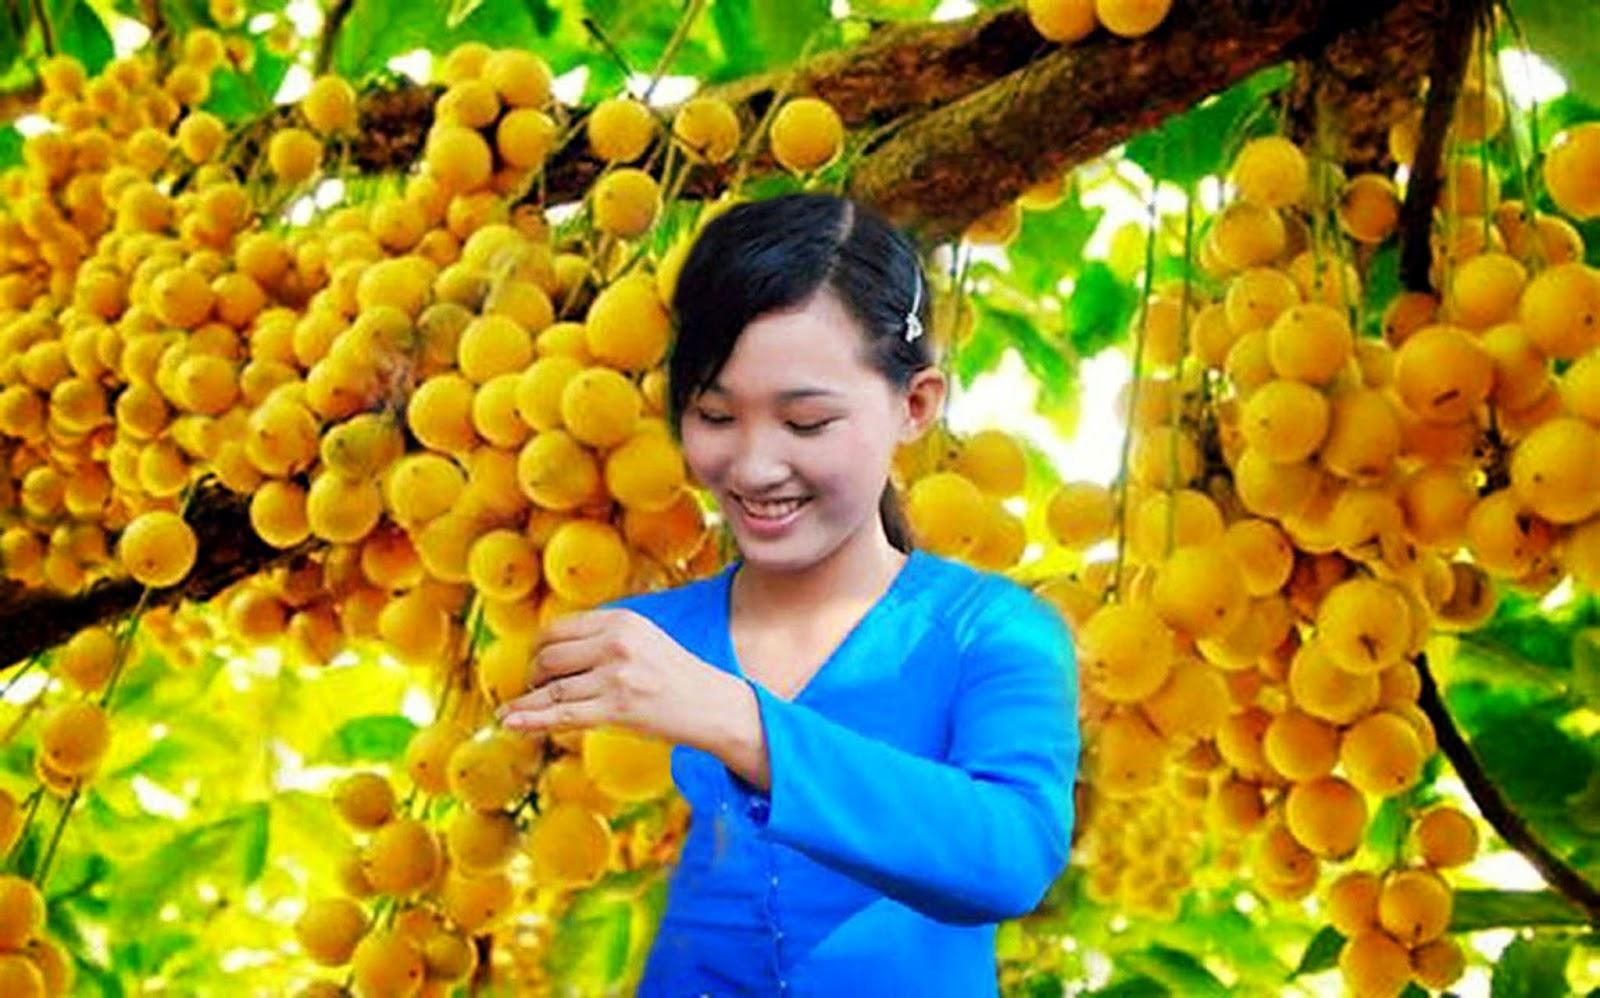 Dâu Hạ Châu tại KDL huyện Phong Điền, Cần Thơ là địa điểm được nhiều du khách tìm đến tham quan và chụp ảnh lưu niệm